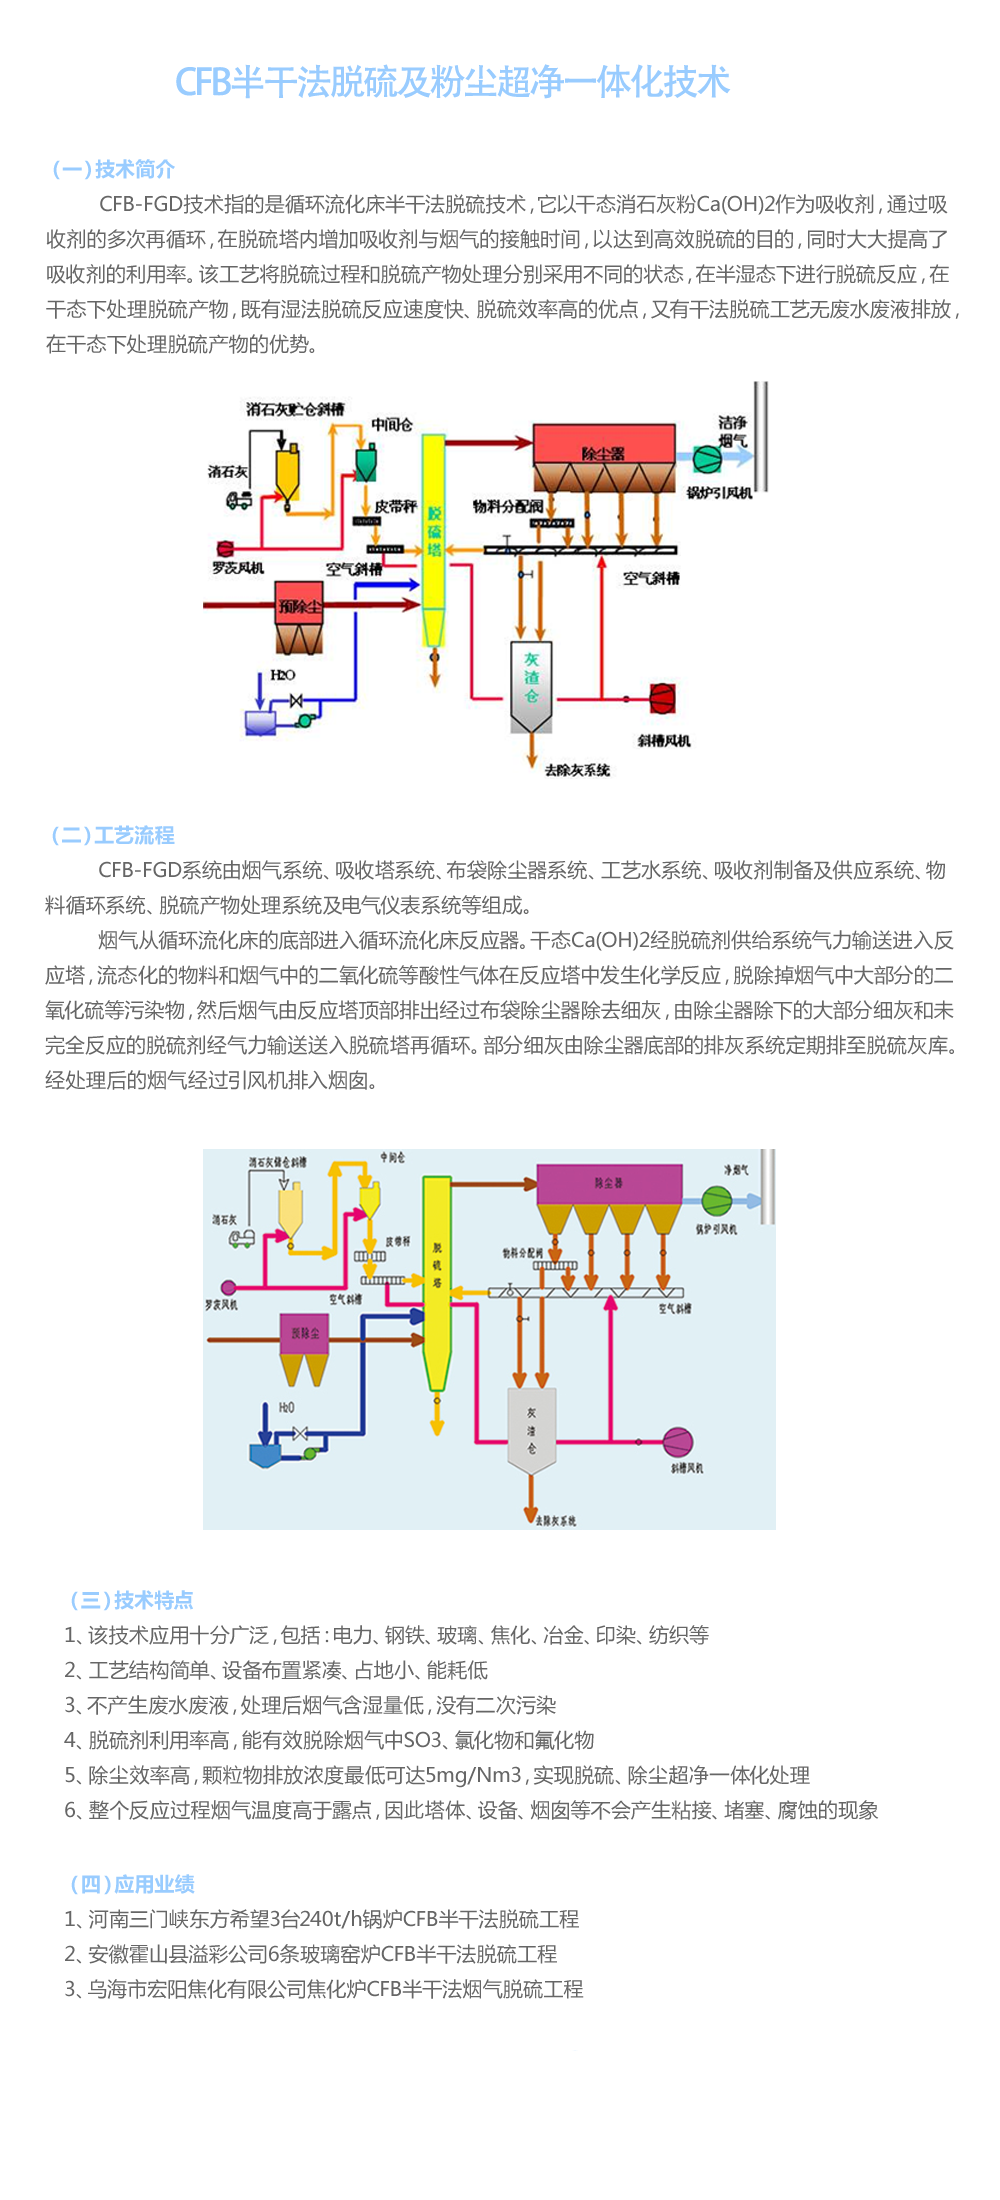 CFB半干法脫硫及粉塵超凈一體化技術